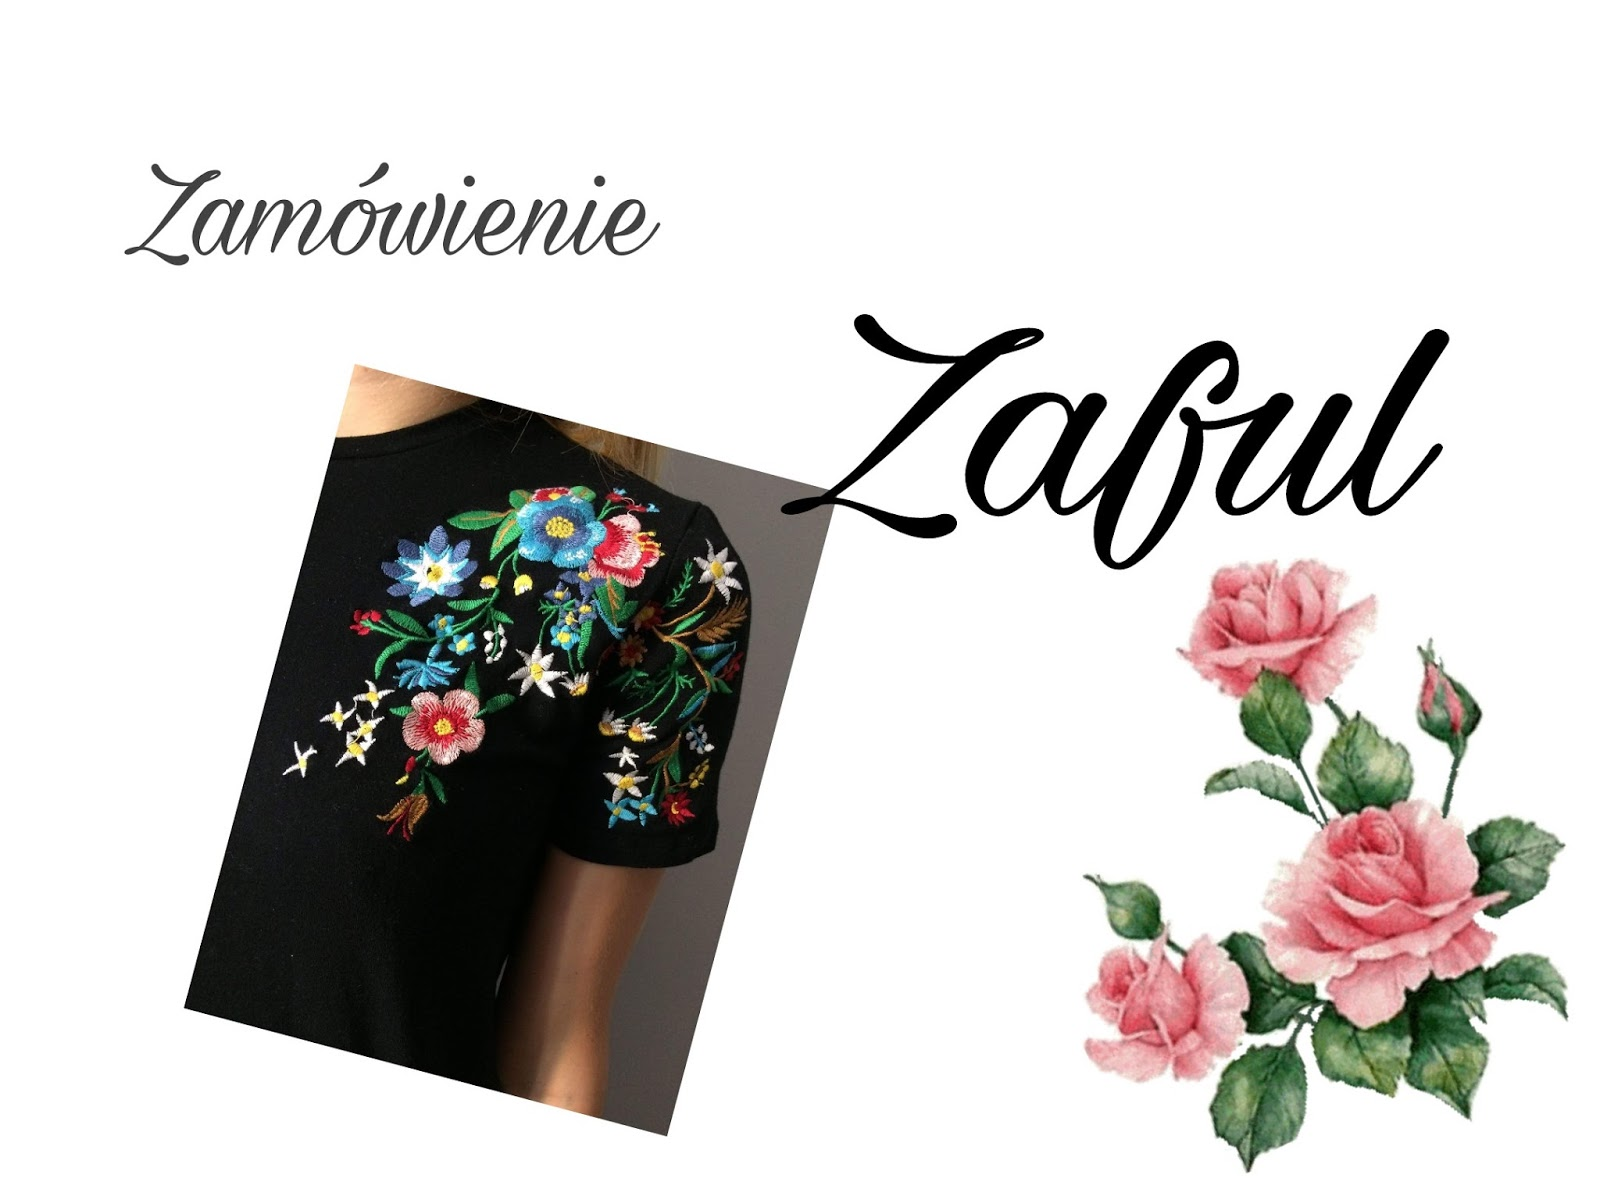 Zamówienie - Zaful 2